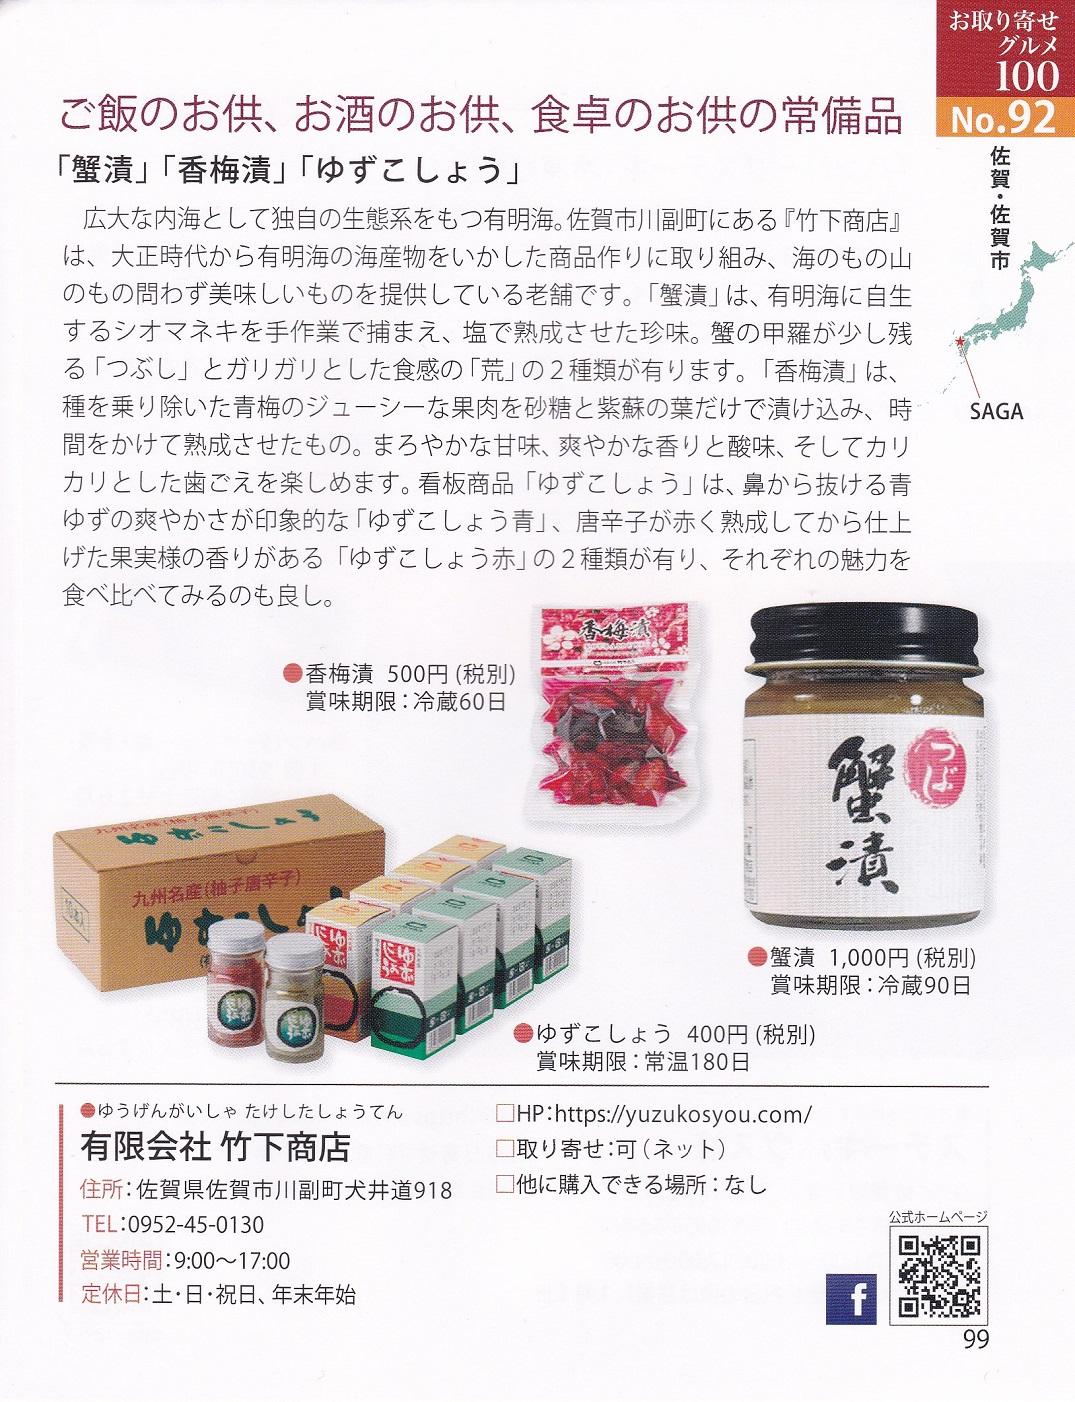 令和版日本全国のおいしいお取り寄せグルメ100